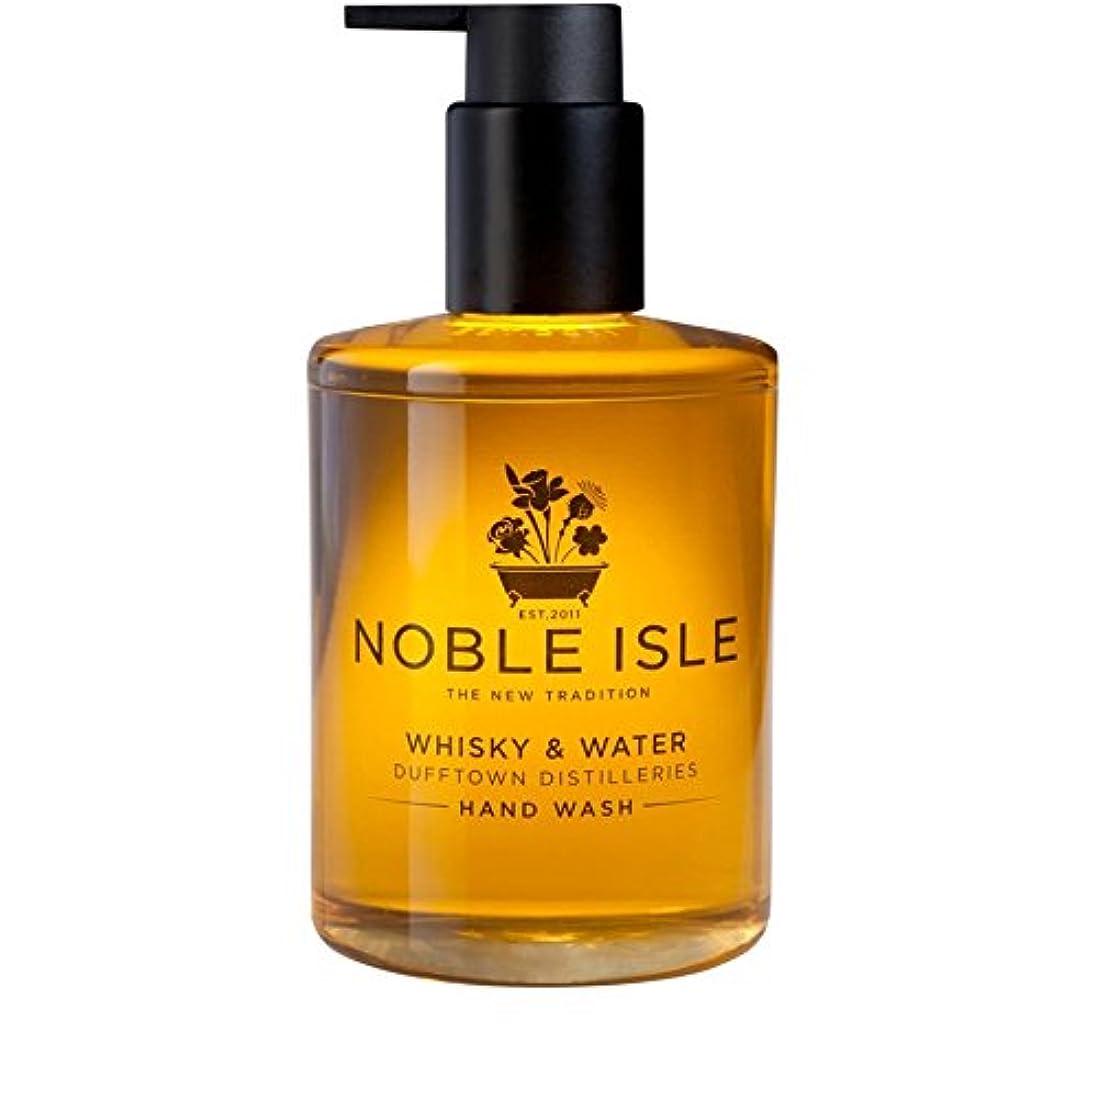 エール会議緩むNoble Isle Whisky and Water Dufftown Distilleries Hand Wash 250ml - 高貴な島の水割りの蒸留所のハンドウォッシュ250ミリリットル [並行輸入品]